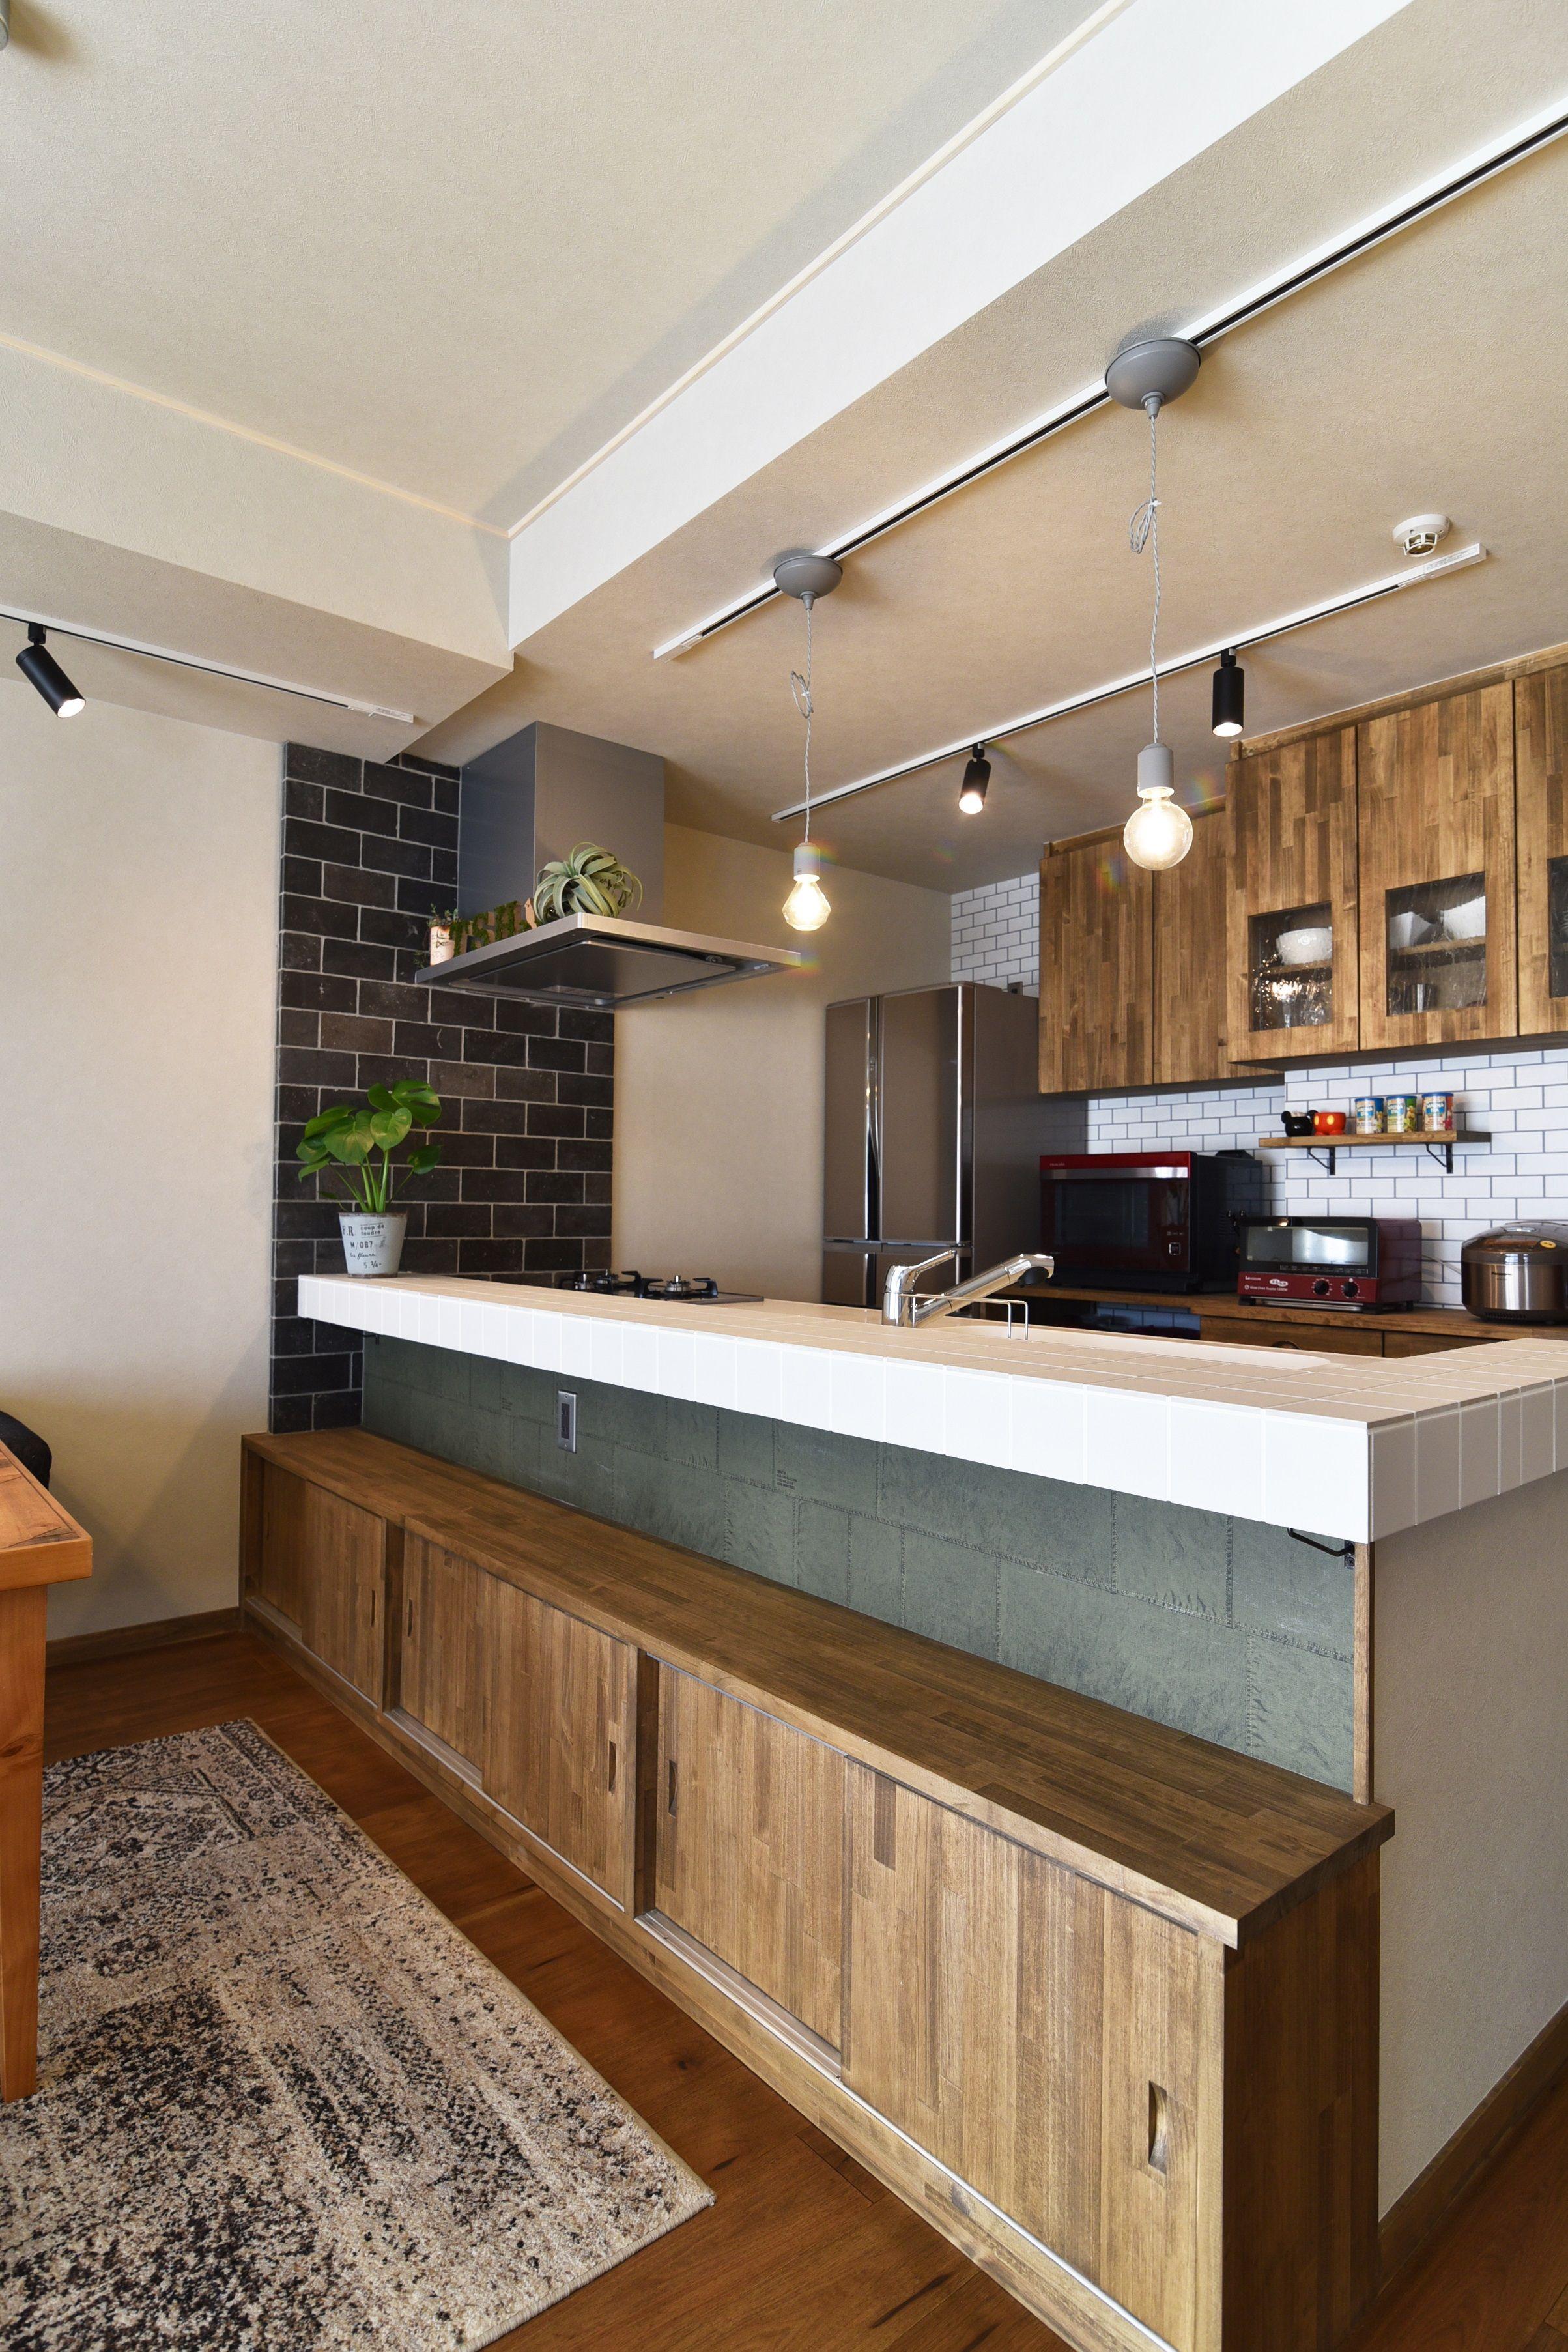 キッチン 収納 照明 インテリア実例 キッチン Kitchen キッチン